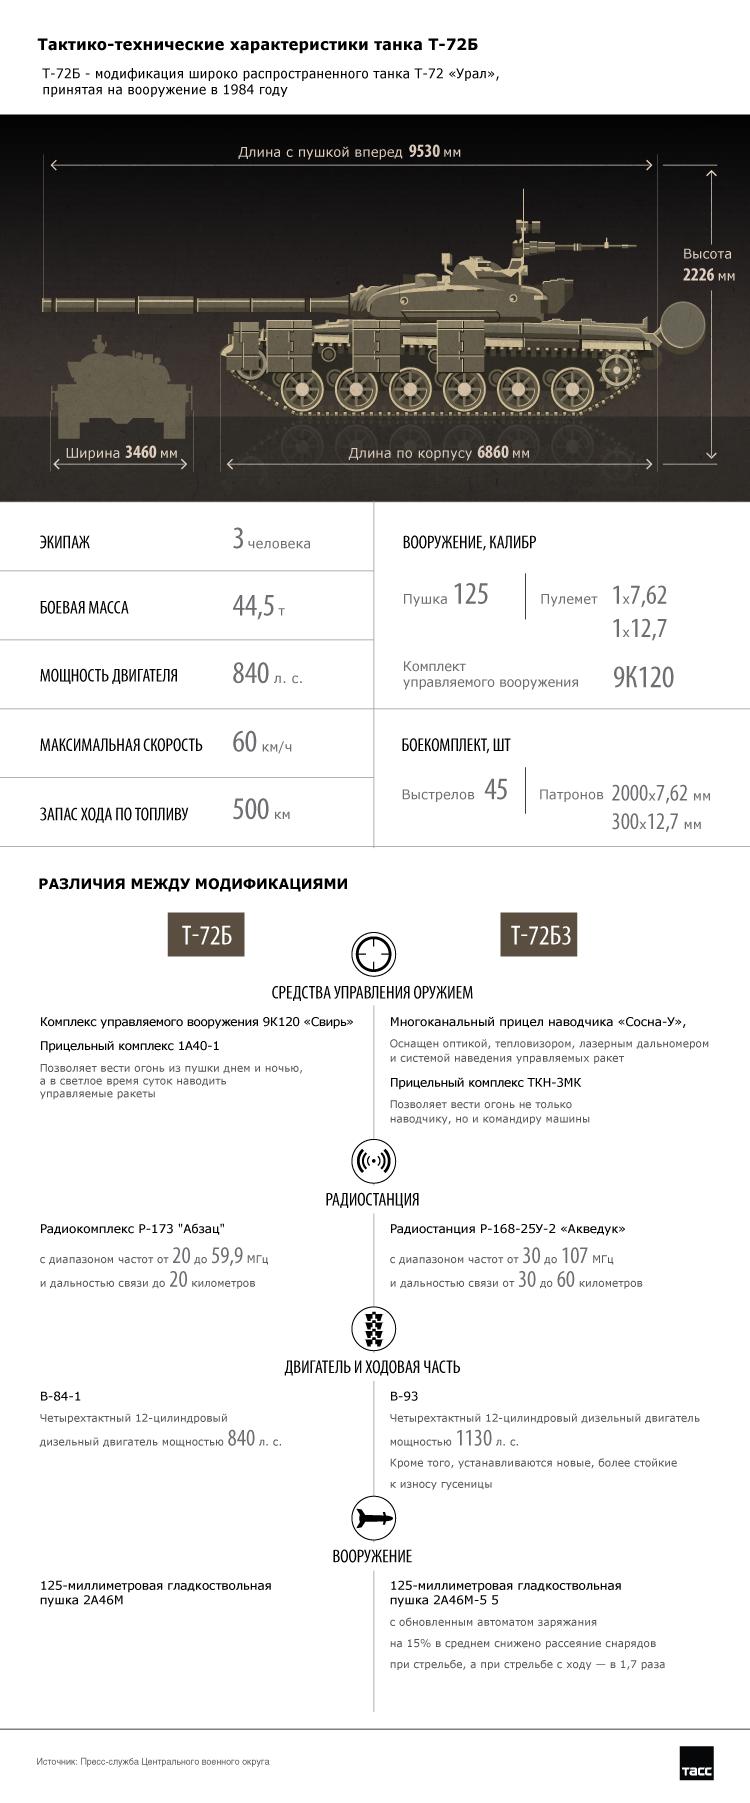 Le char de combat principal T-72B. Infographie